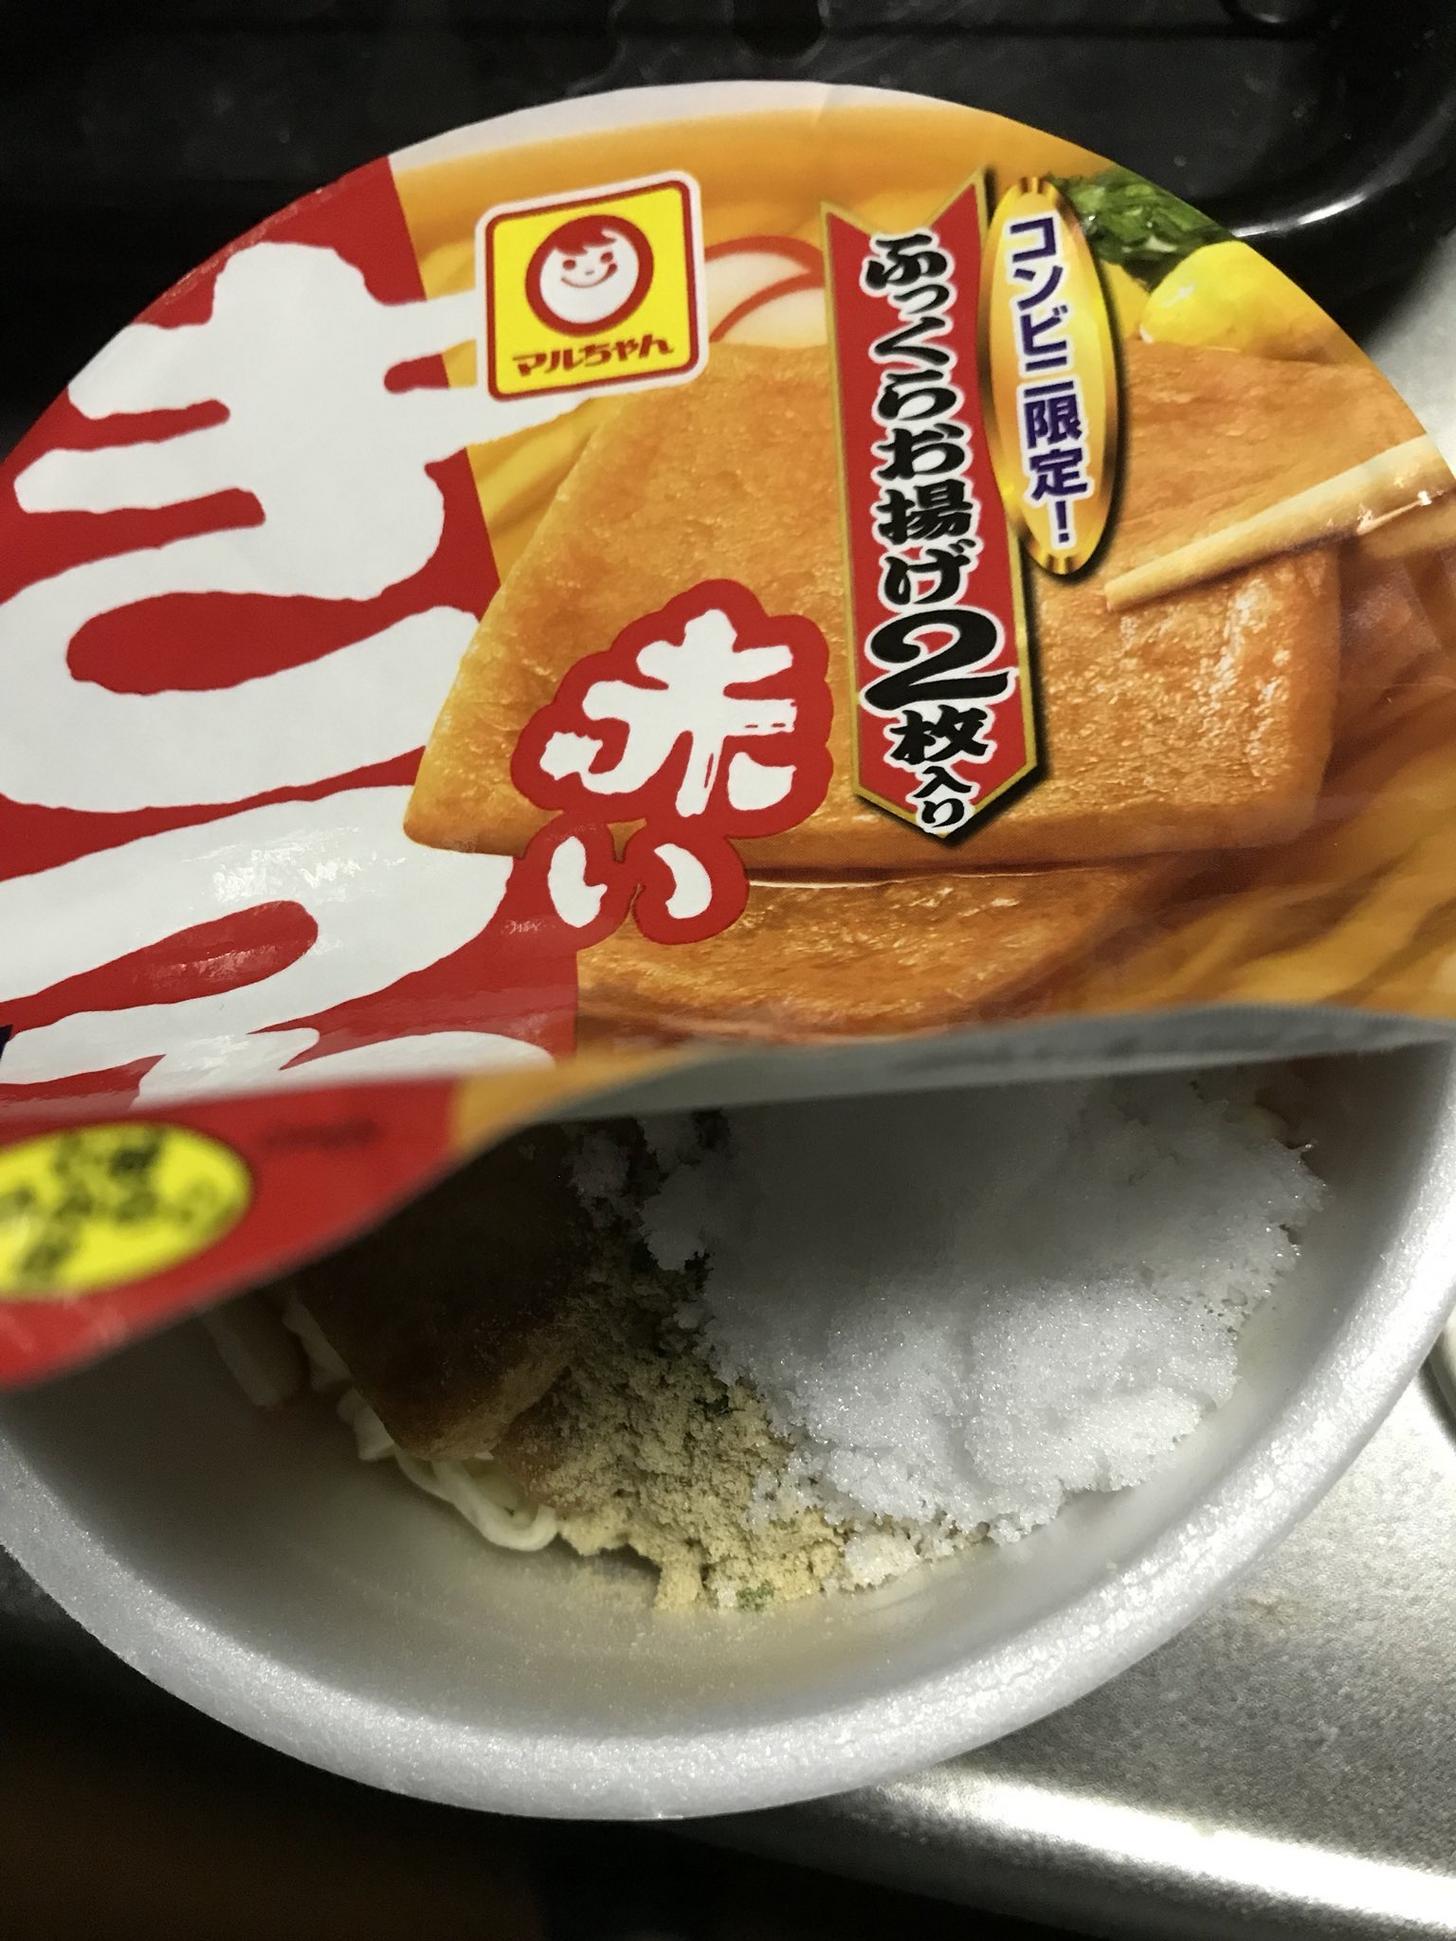 【悲報】ワイの赤いきつねに砂糖を大量に入れる食い方、理解されない